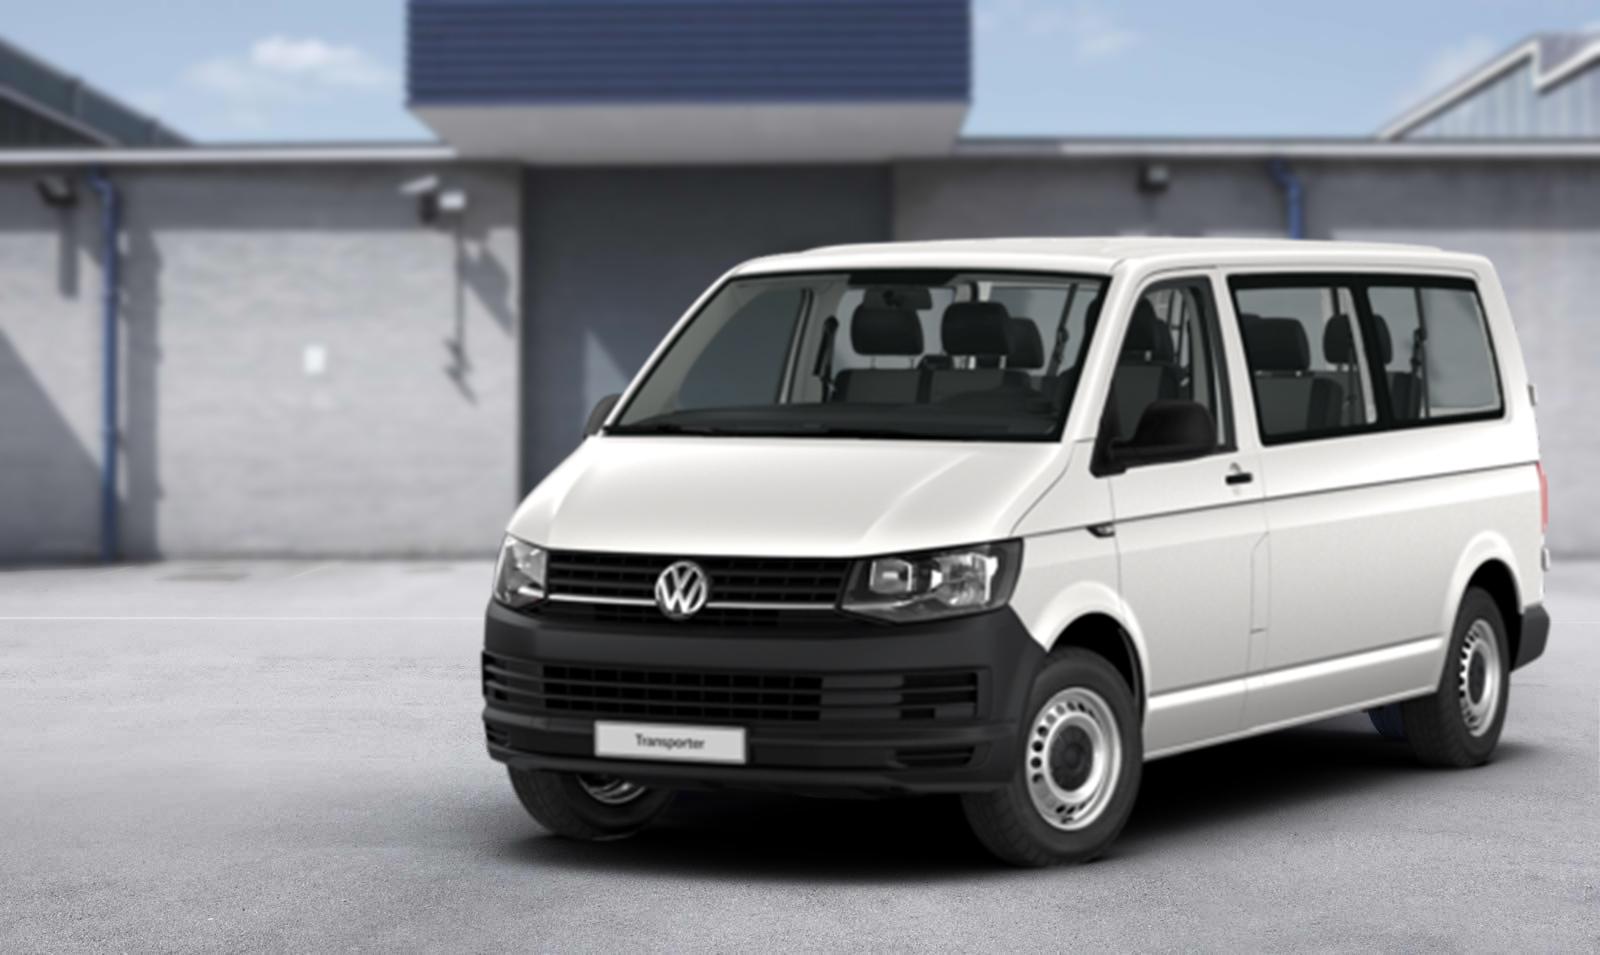 Autopožičovňa Deak Cars - požičovňa áut Bratislava - požičanie auta vBratislave - Tomáš Deák